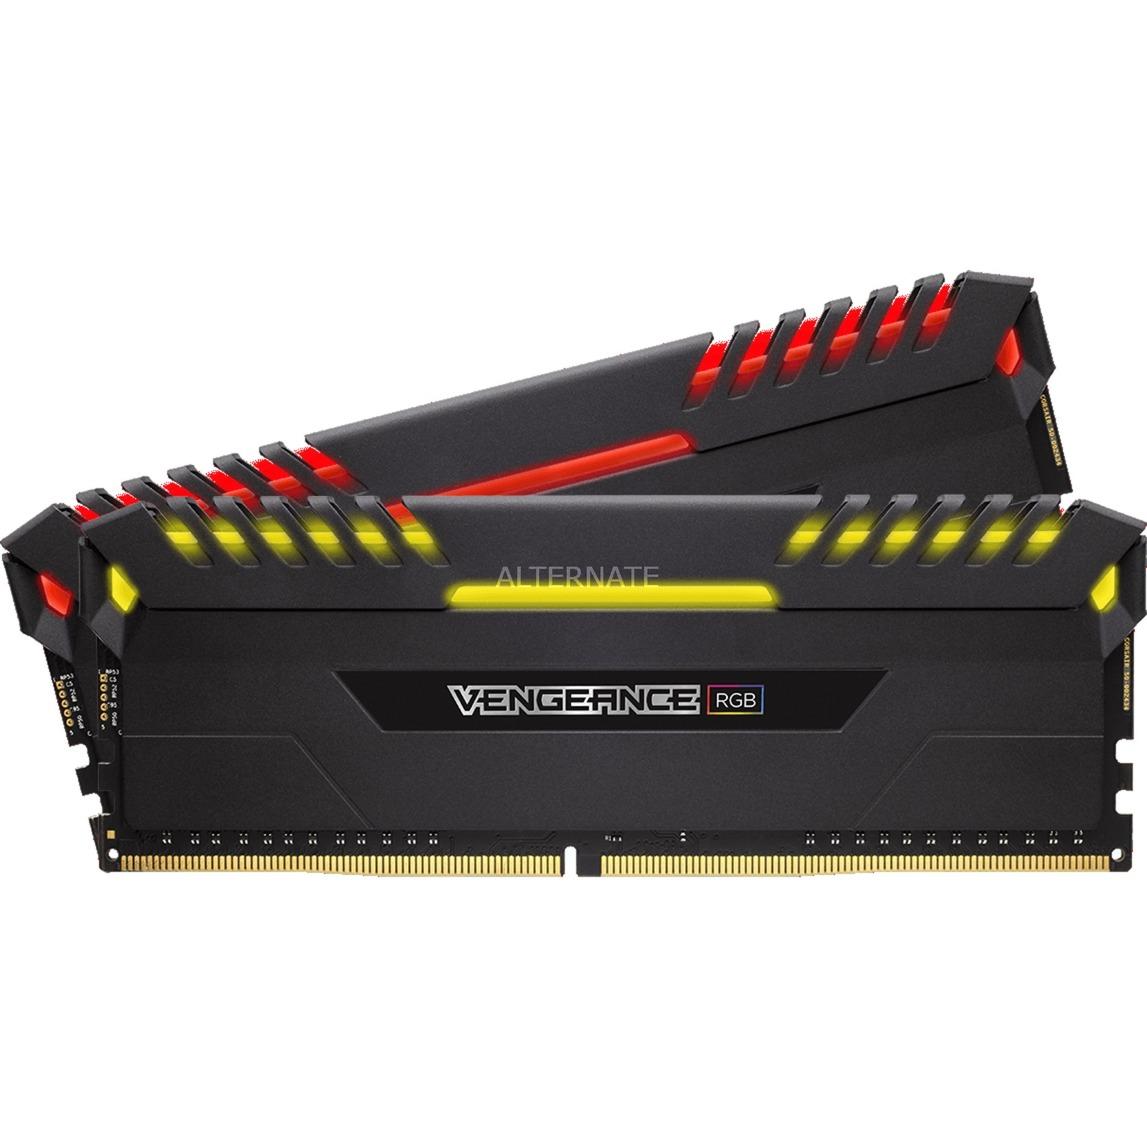 Vengeance 16 GB, DDR4, 4266 MHz 16Go DDR4 4266MHz module de mémoire